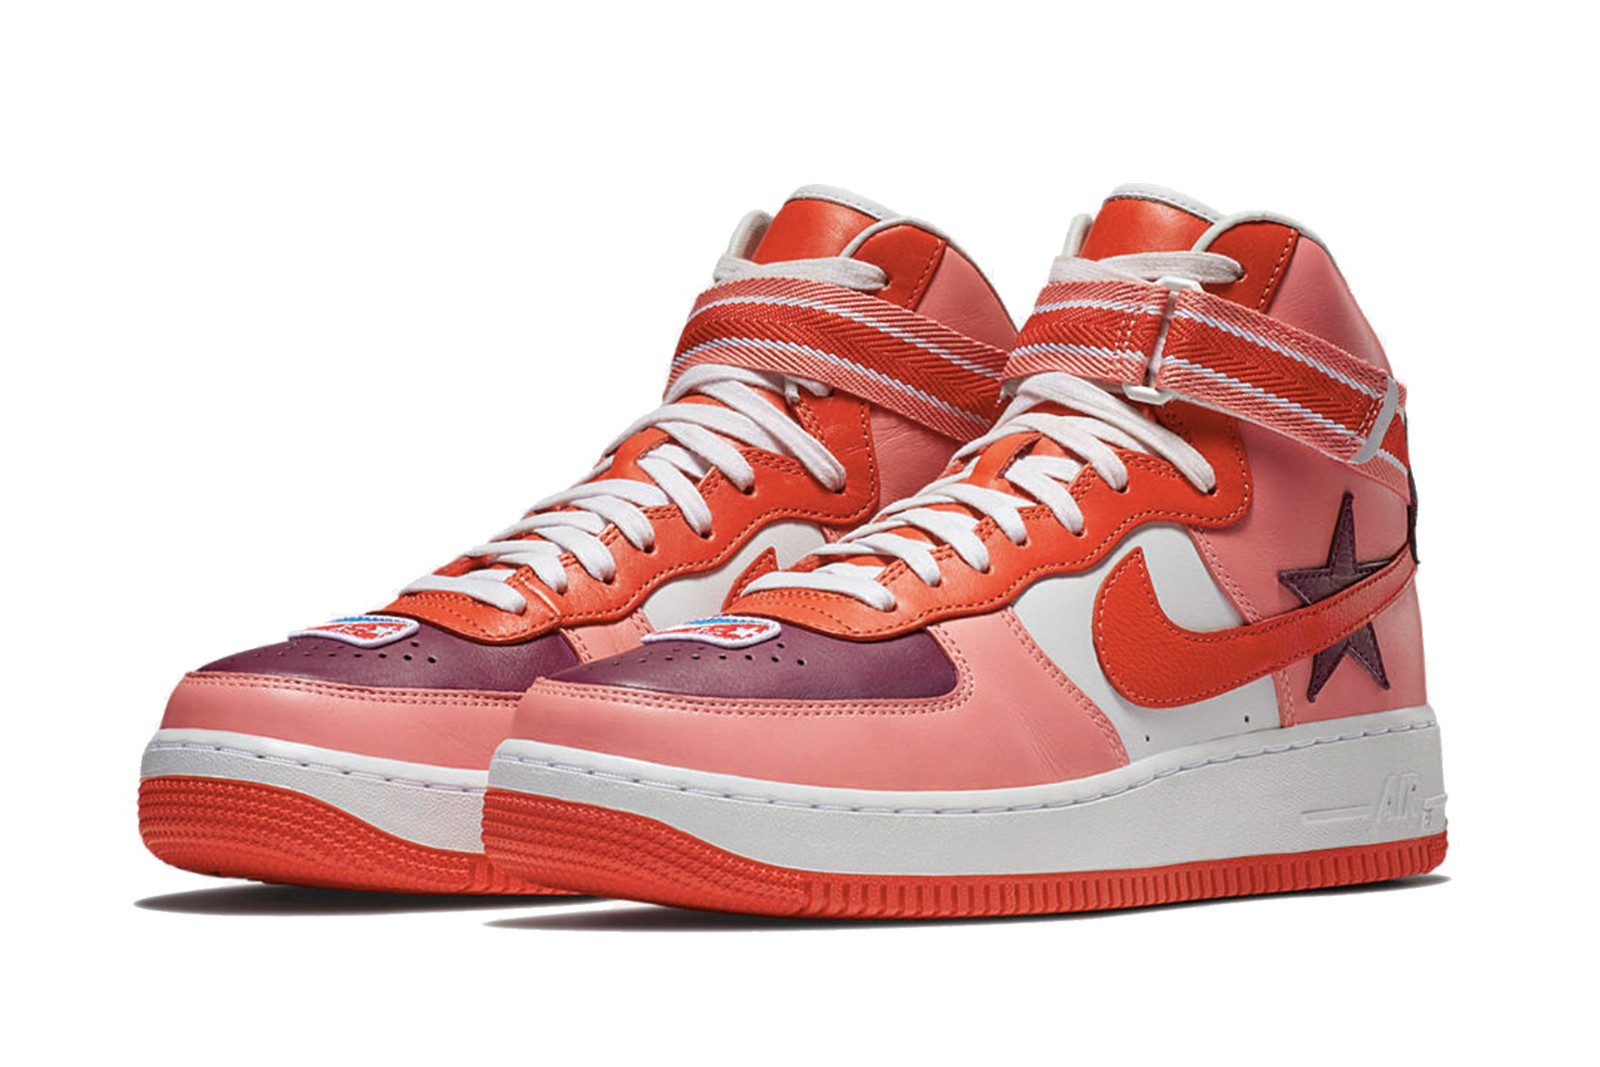 元 Givenchy のリカルド・ティッシ x Nike による架空のバスケチームをフィーチャーした2018年春コレクションが登場 ナイキ バスケ バスケットボール hypebeast